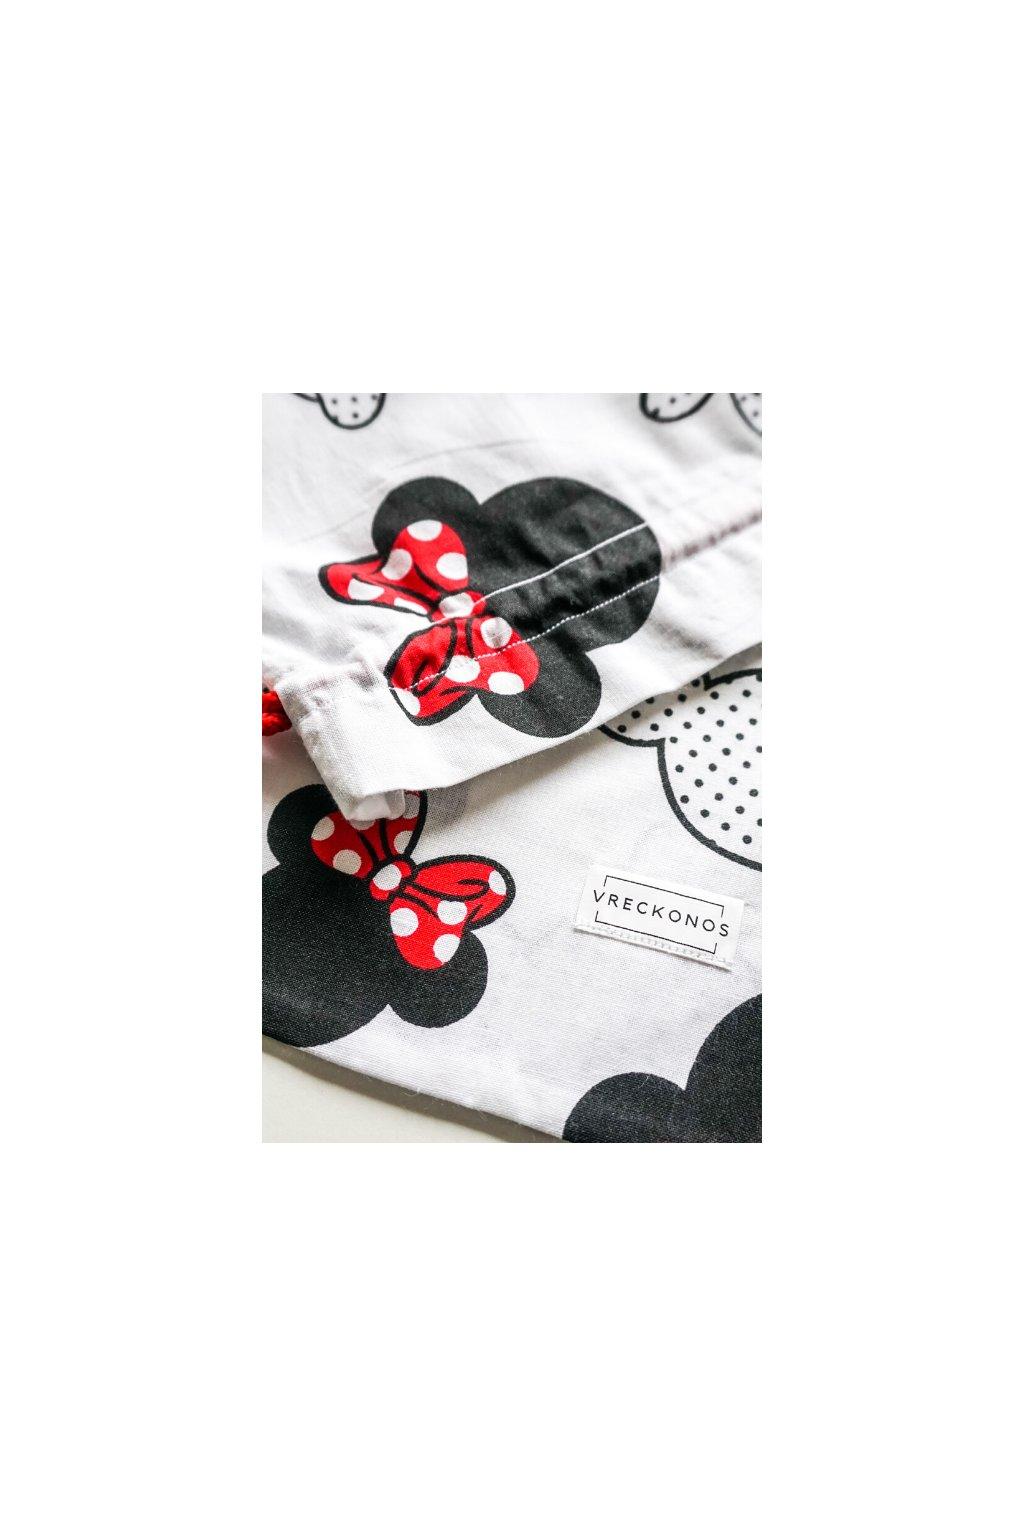 Mickey - látkové bavlnené vrecko na ovocie, zeleninu, pečivo, kozmetiku či papučky - Vreckonos